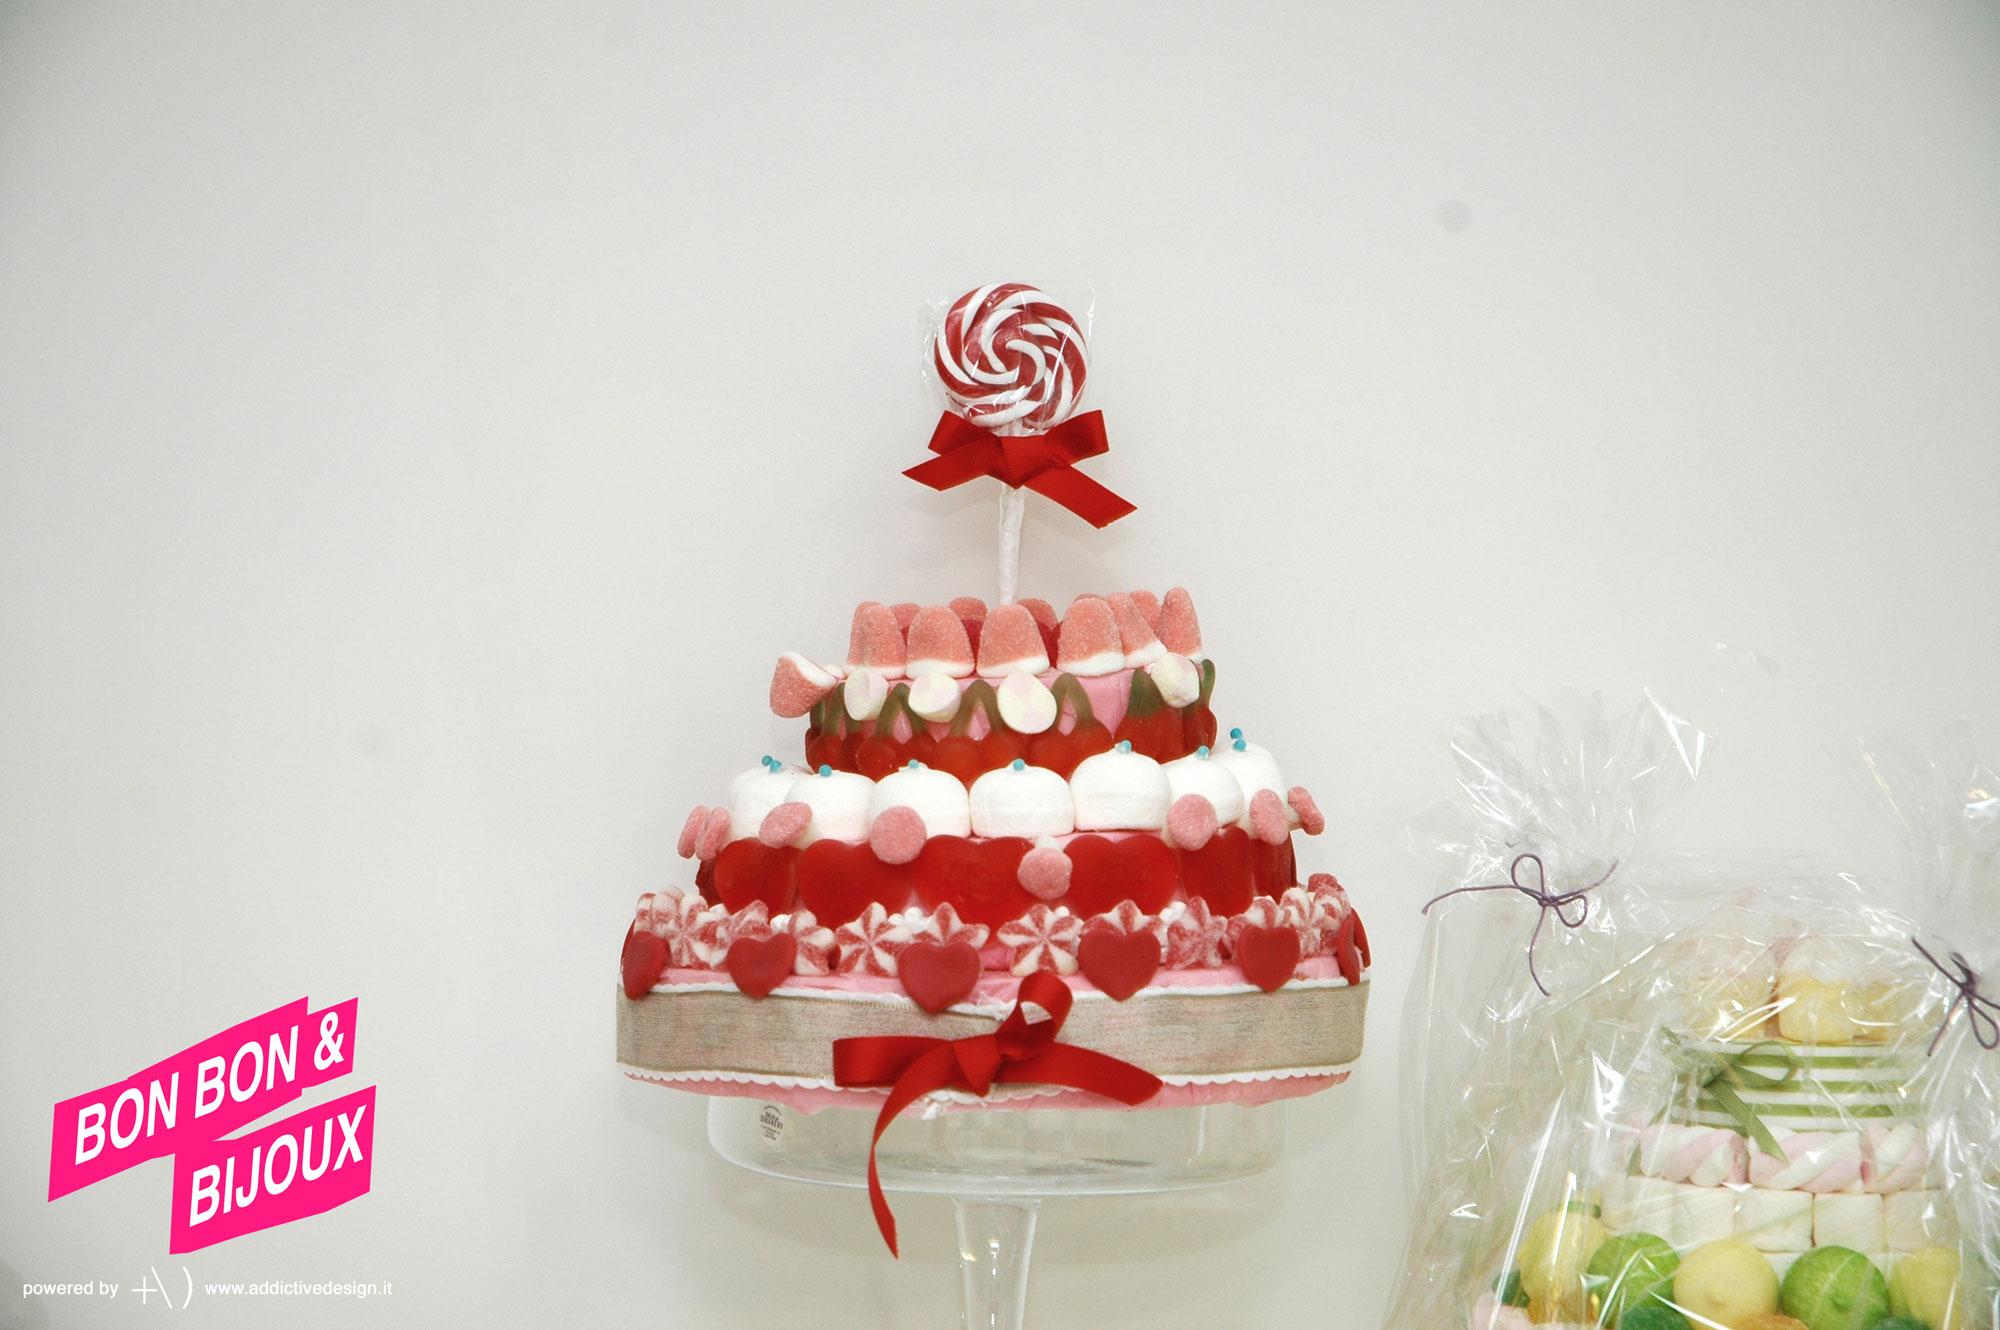 bonbon & bijoux marshmallows cake